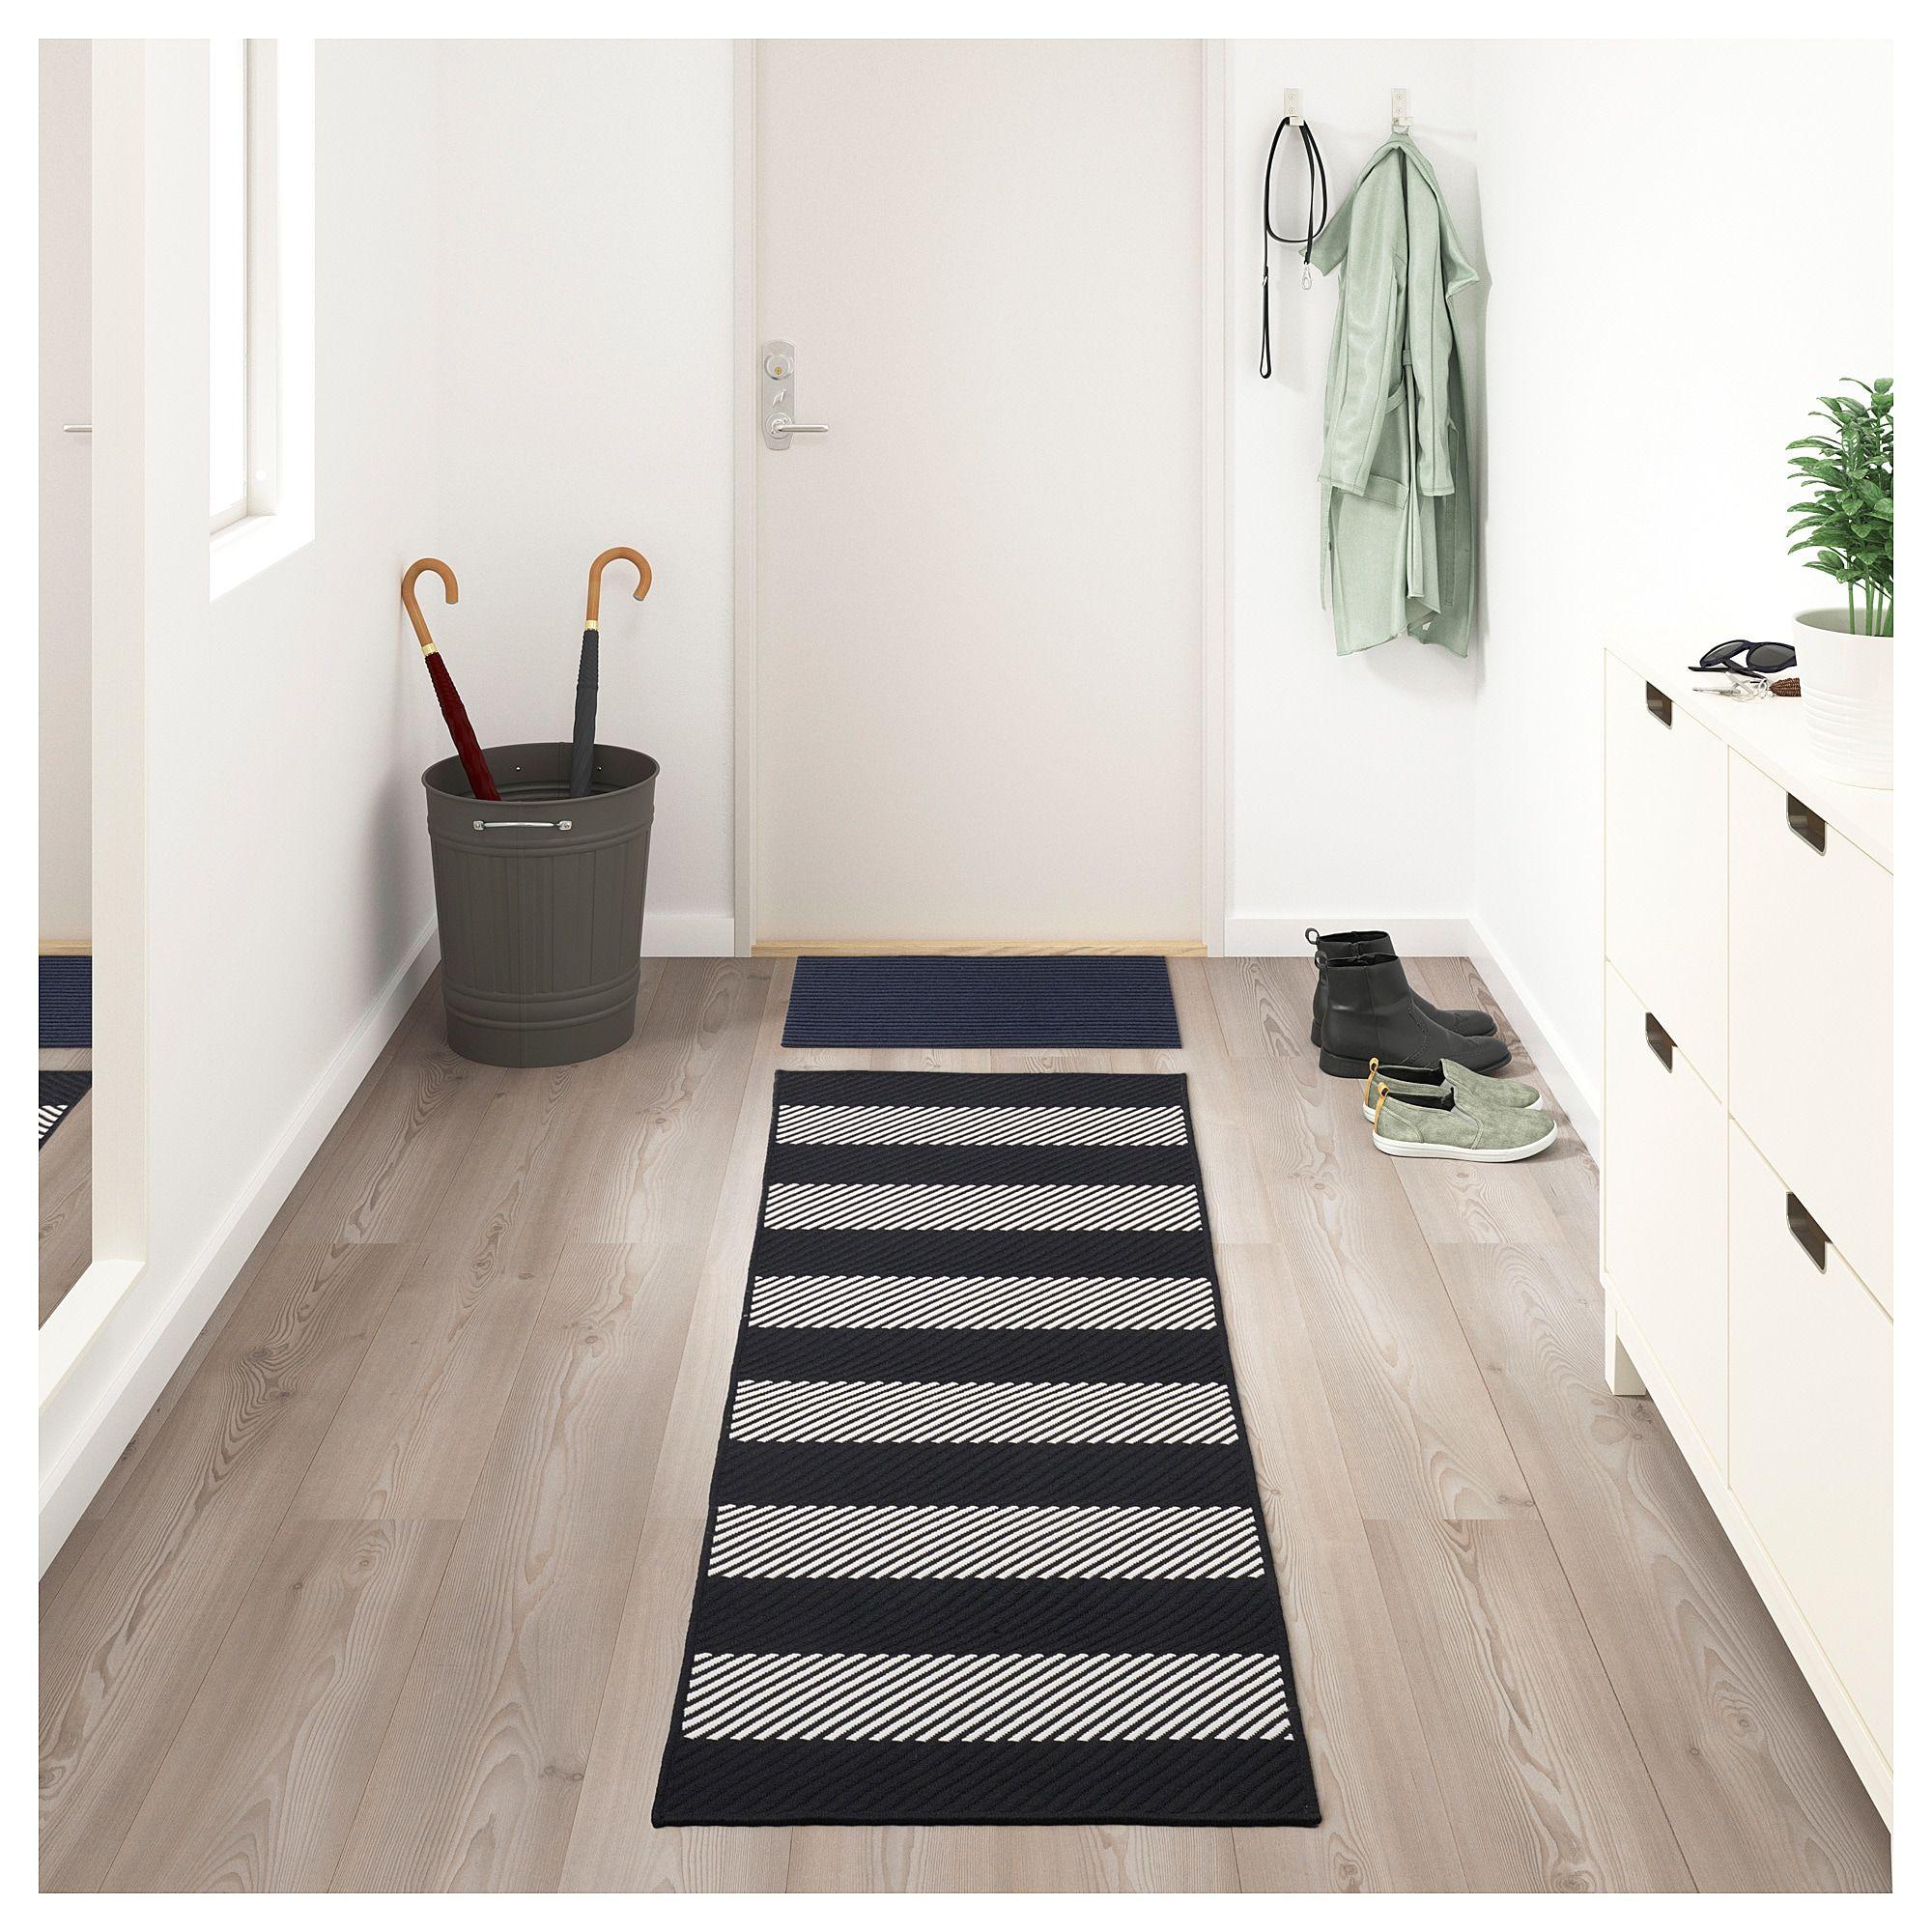 Gansager Teppich Flach Gewebt Ikea Osterreich Teppich Flach Gewebt Ikea Und Pet Flaschen